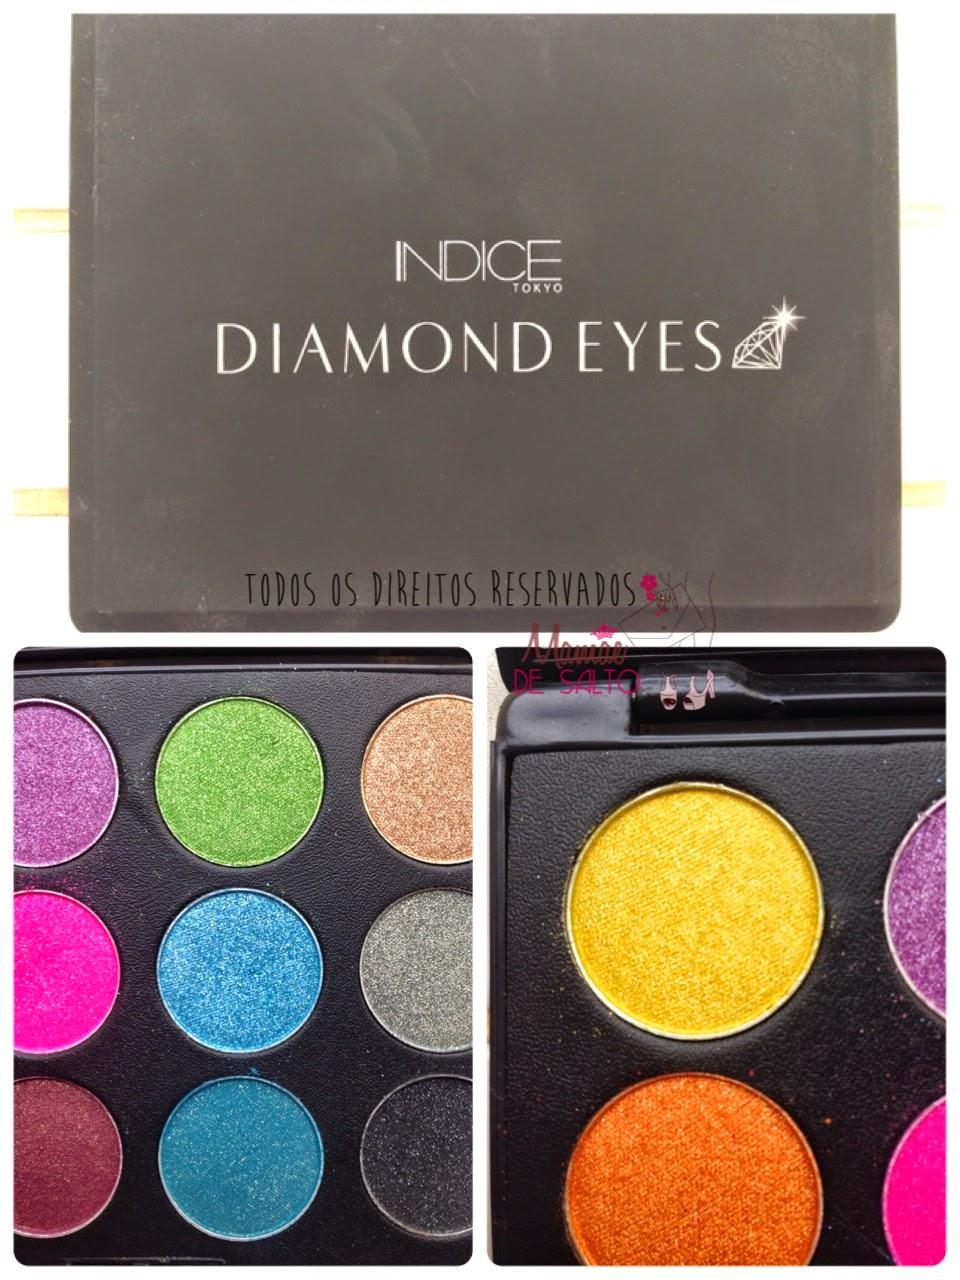 paleta sombras diamond eye indice tokyo => blog Mamãe de Salto